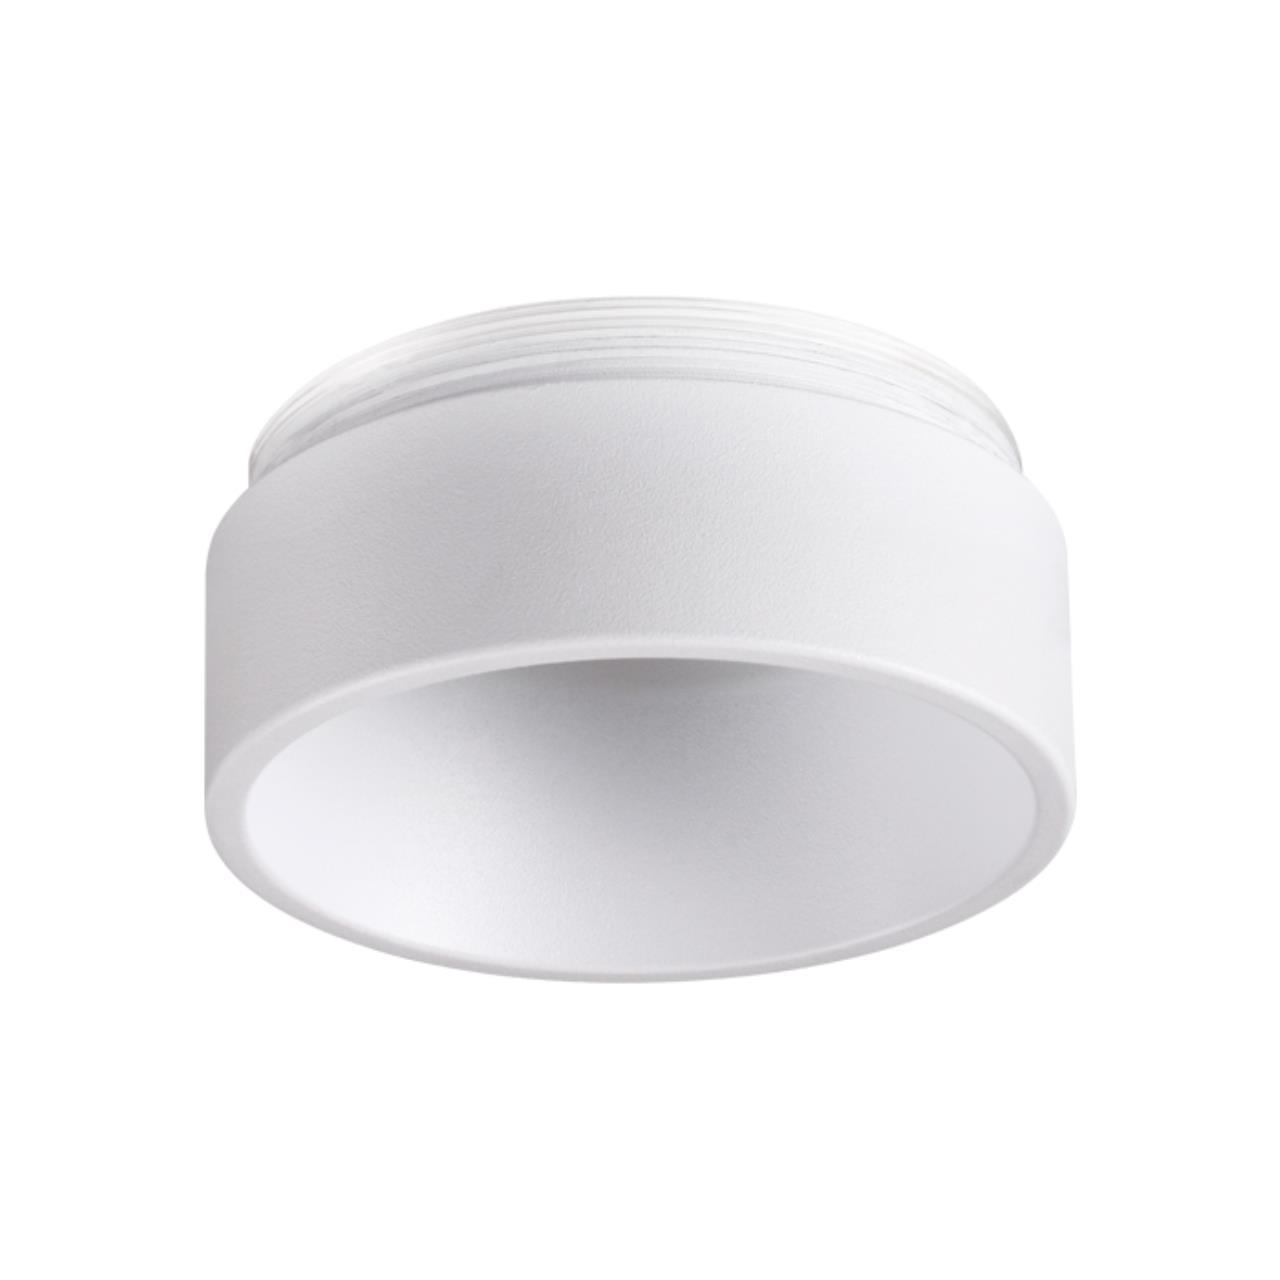 370512 KONST NT19 035 белый Декоративное кольцо к артикулам 370509, 370510 LEGIO